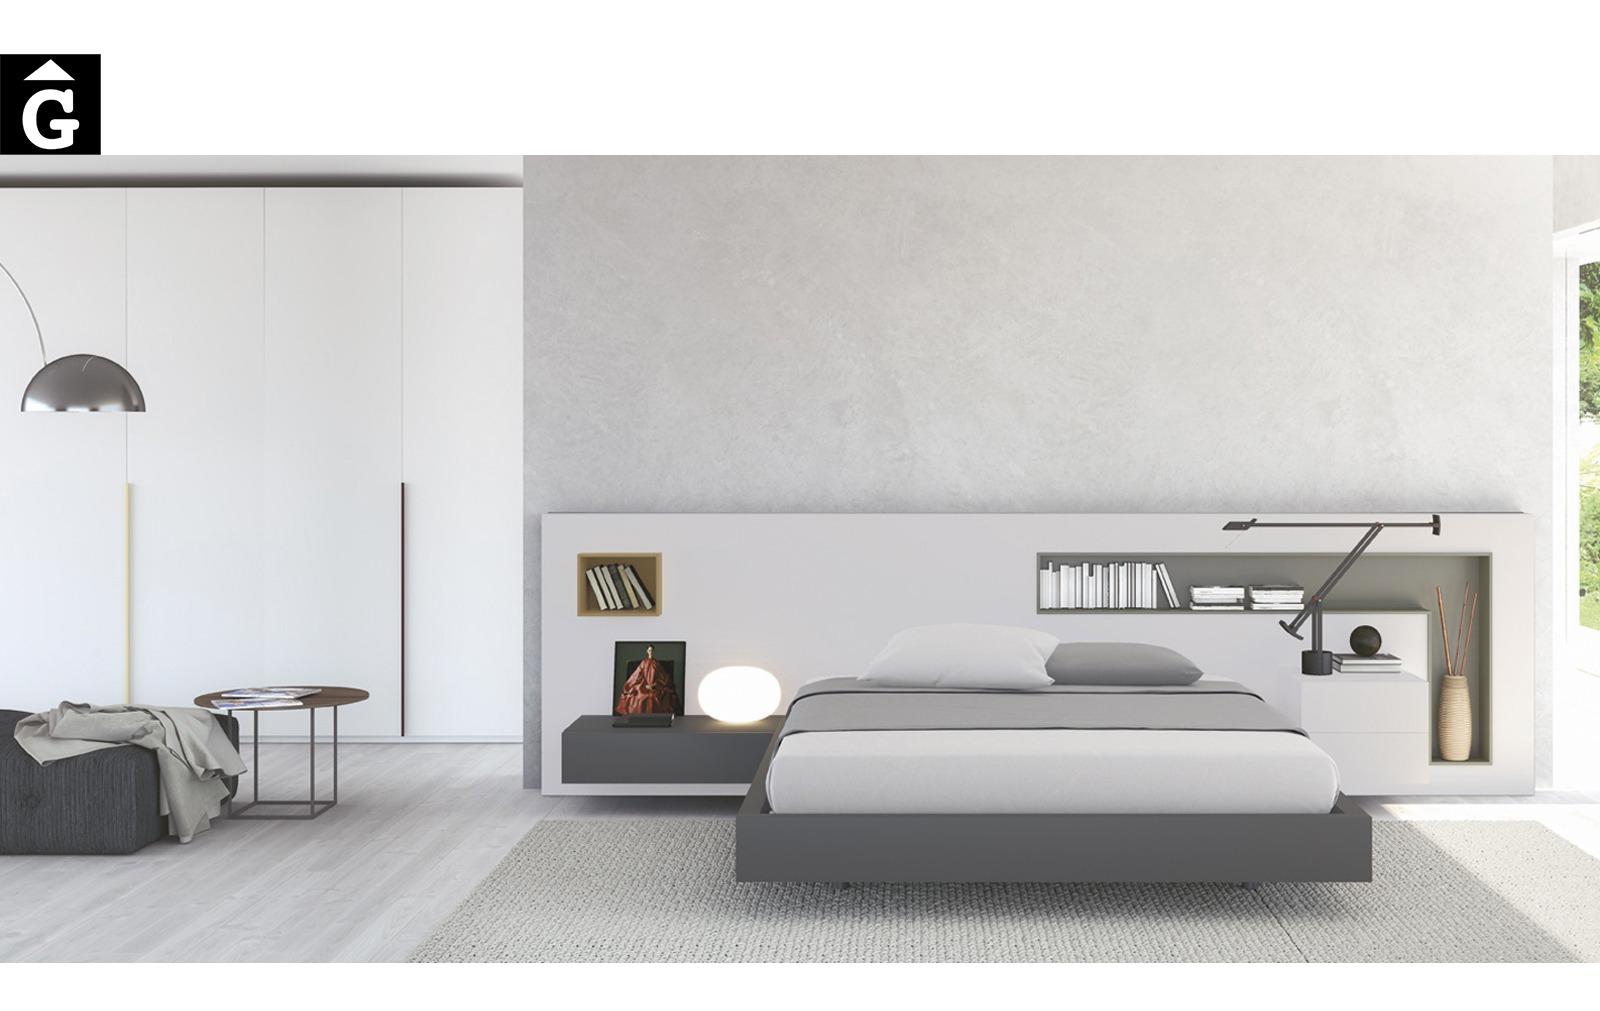 Habitació amb capçal Box | Besform mobles Gifreu | Mobles de qualitat i a mida | Girona